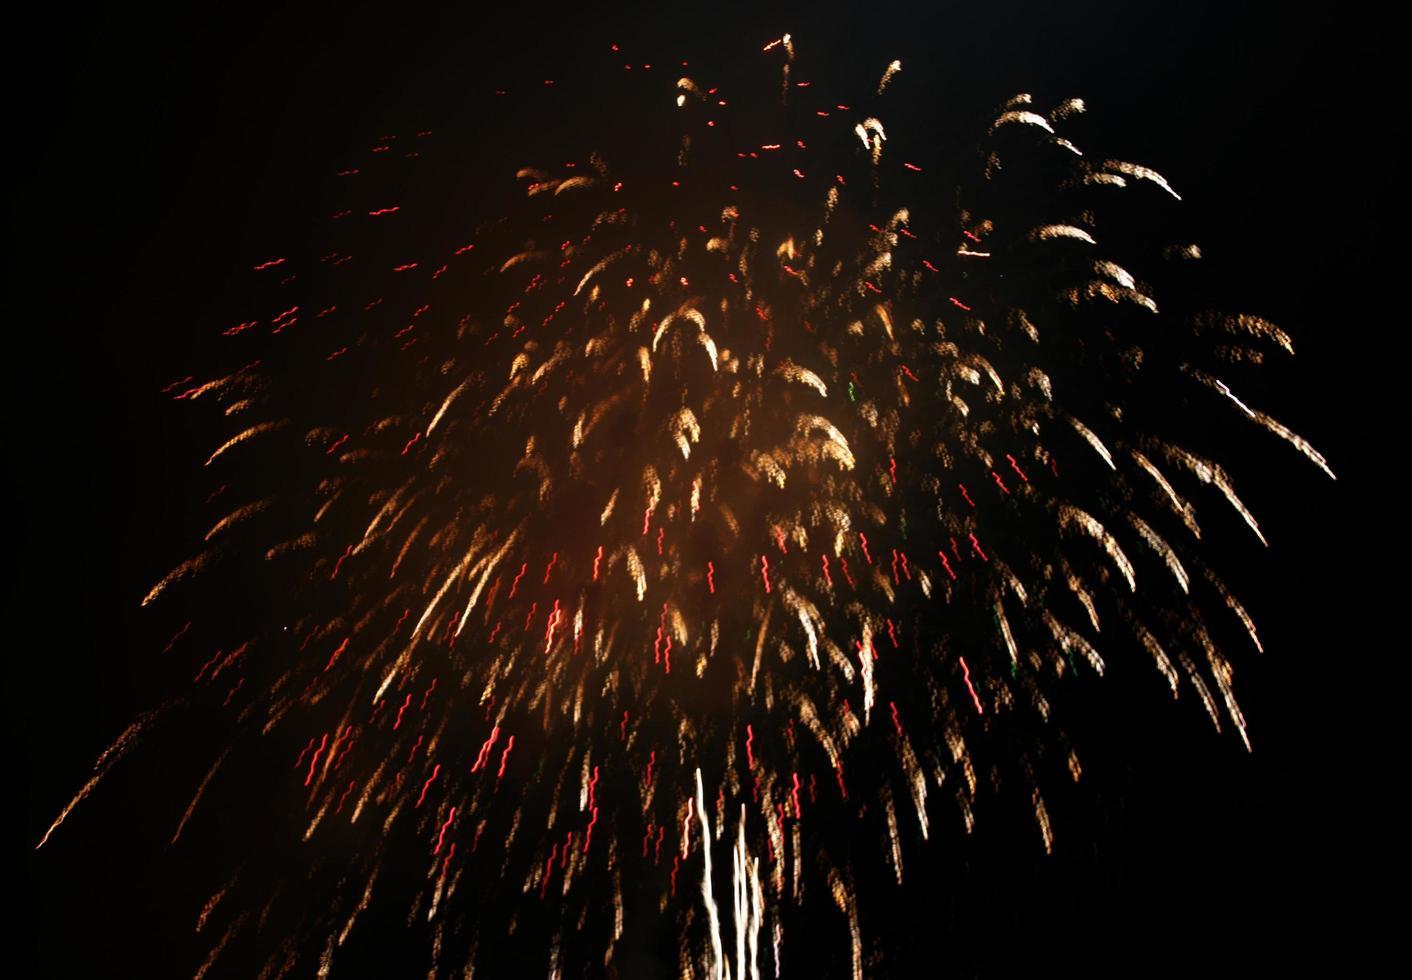 fuegos artificiales dorados en el cielo foto